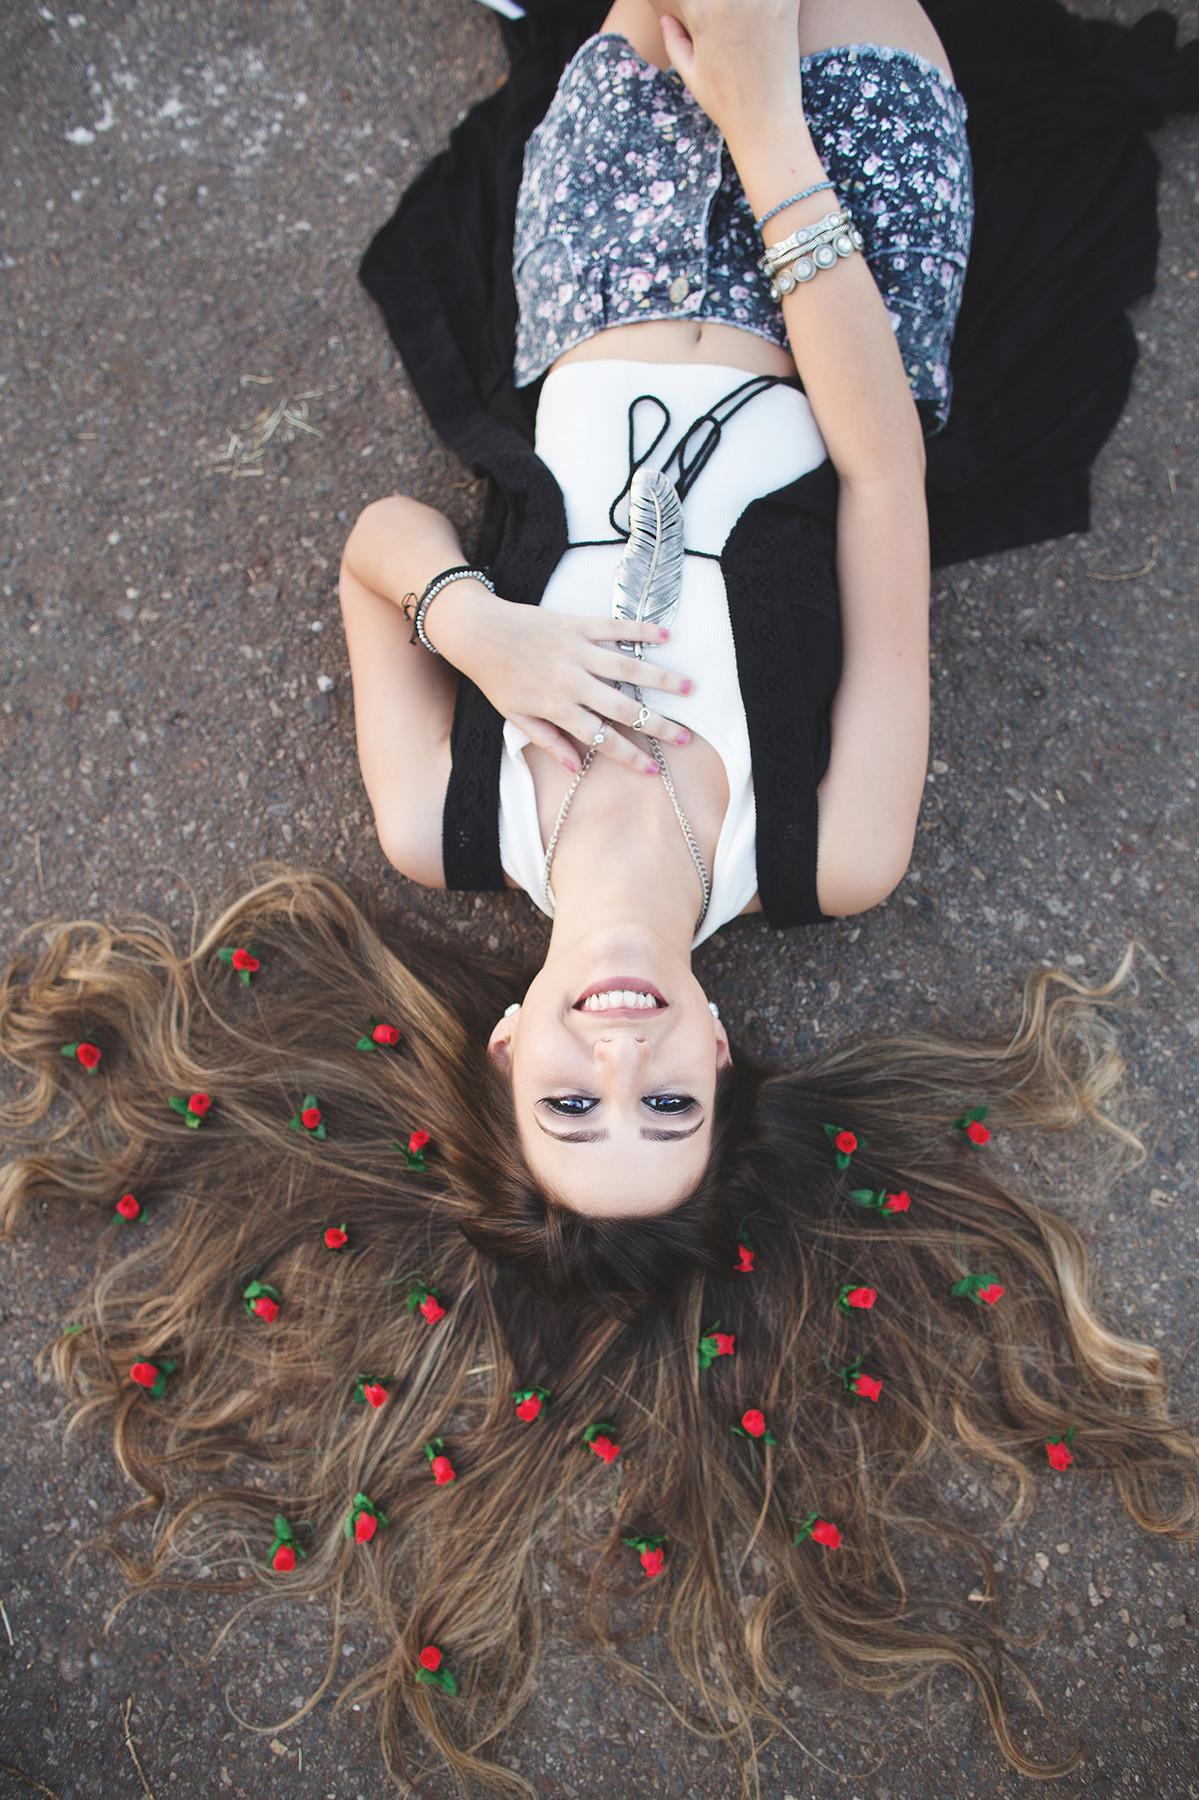 Ensaio de 15 anos no estilo Boho foto feita pelo fotógrafo Rafael Ohana em Brasília-DF